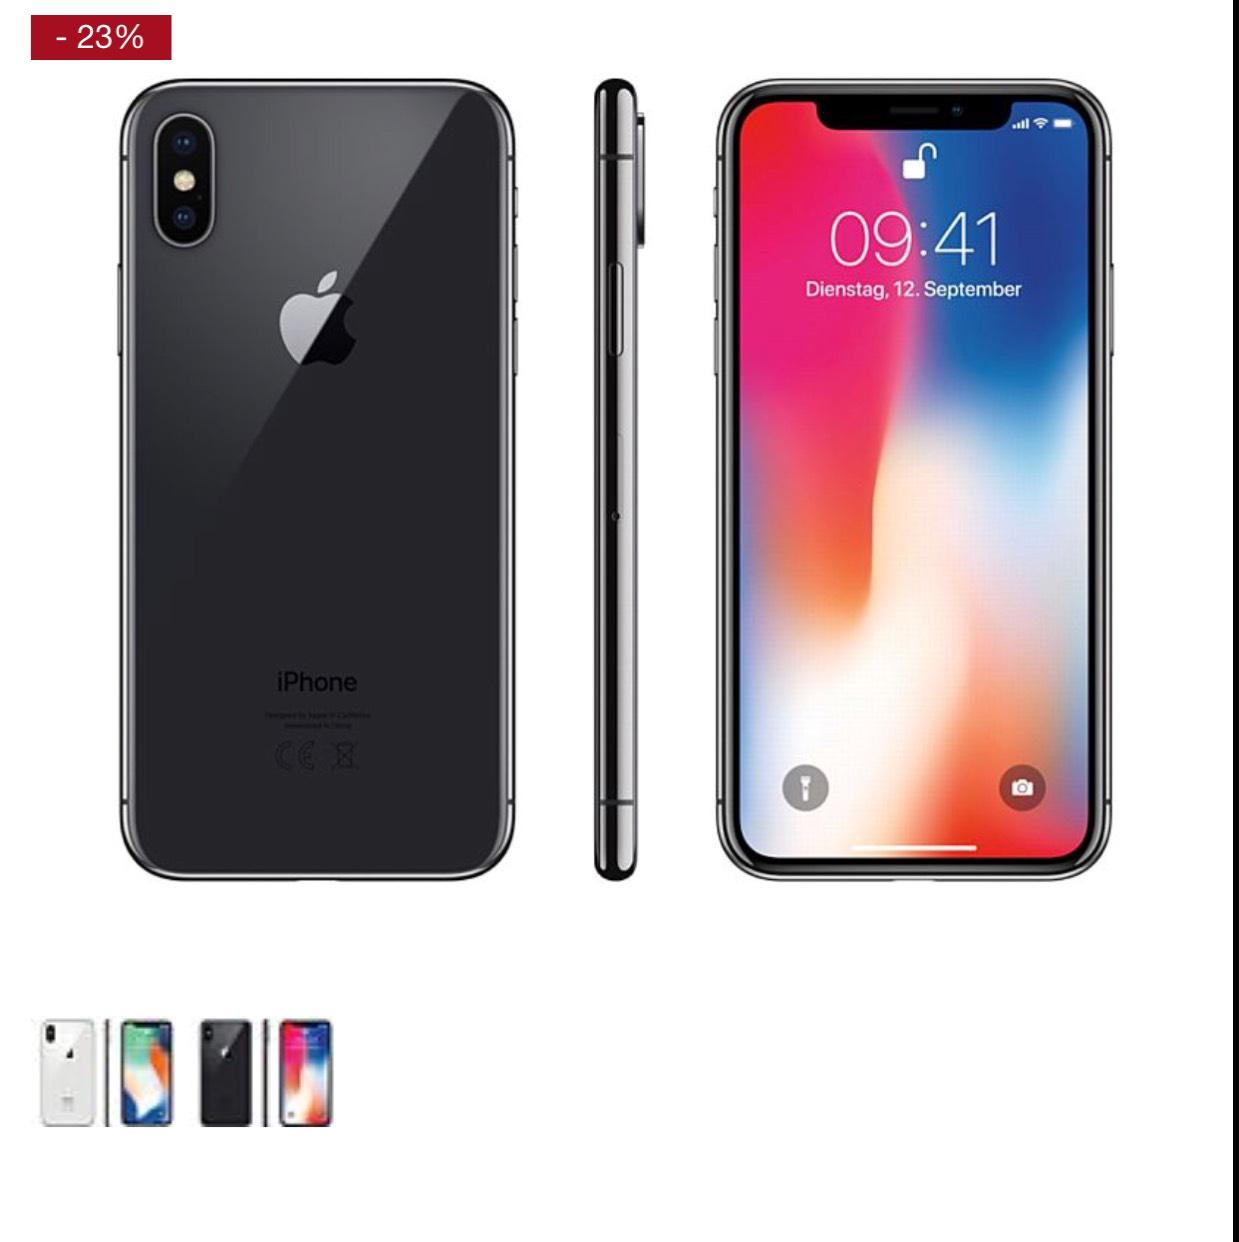 Apple IPhone X 256 GB in beiden Farben bestellbar